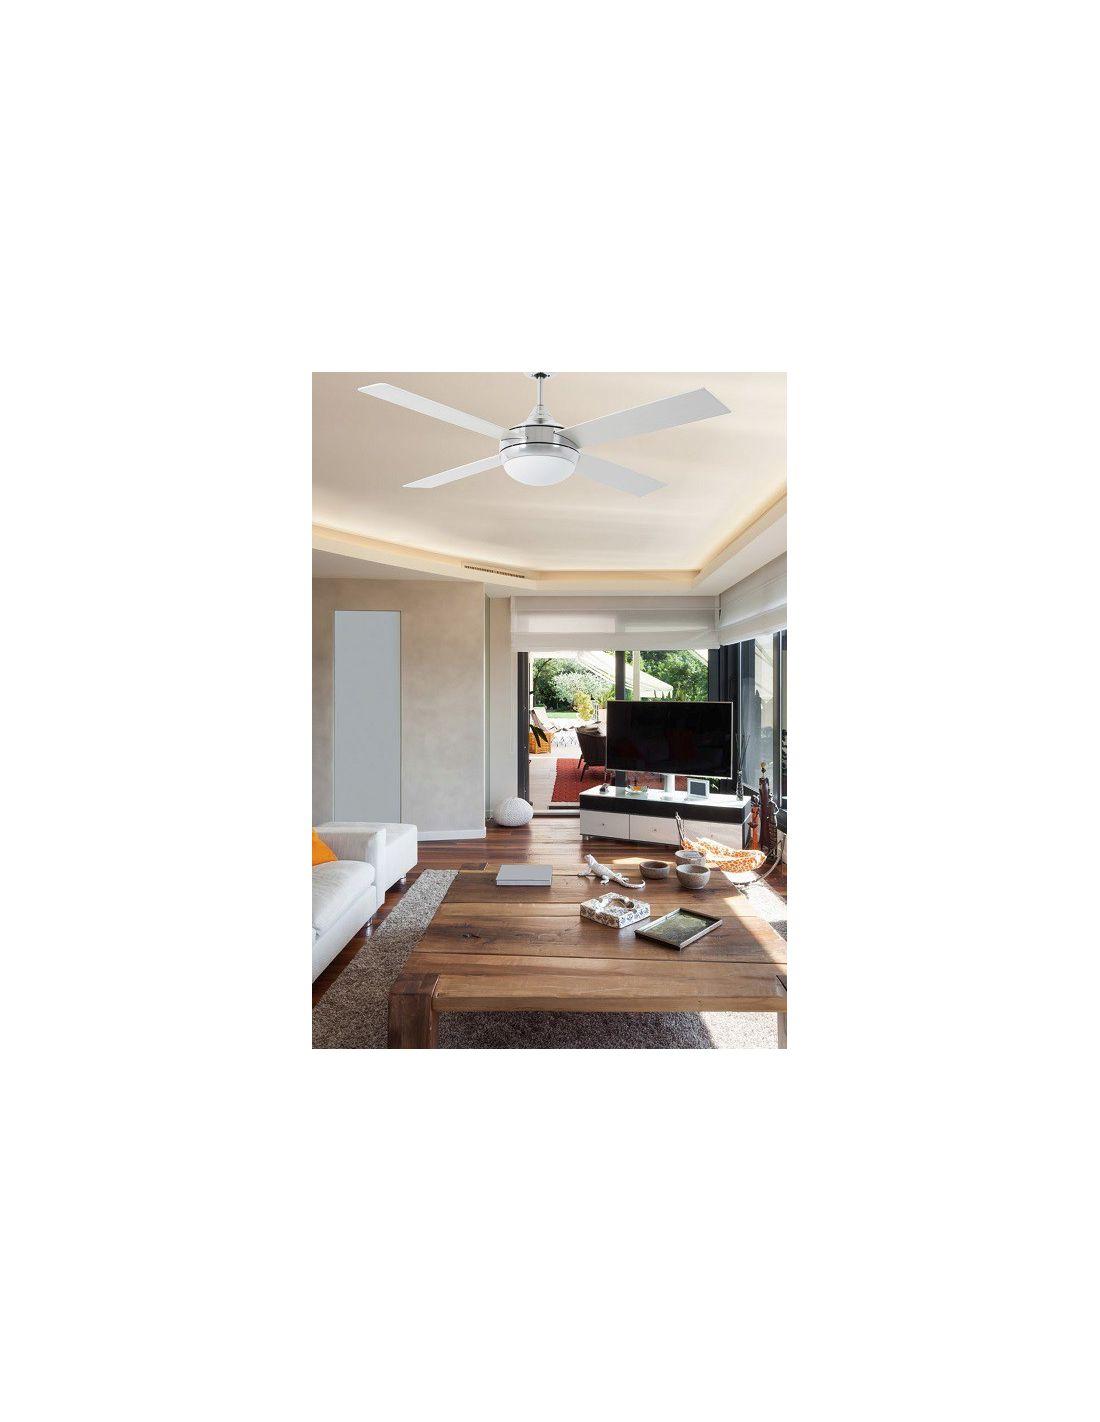 L mpara ventilador de techo moderno para habitaciones de hasta 17 m2 - Lampara de techo con ventilador ...